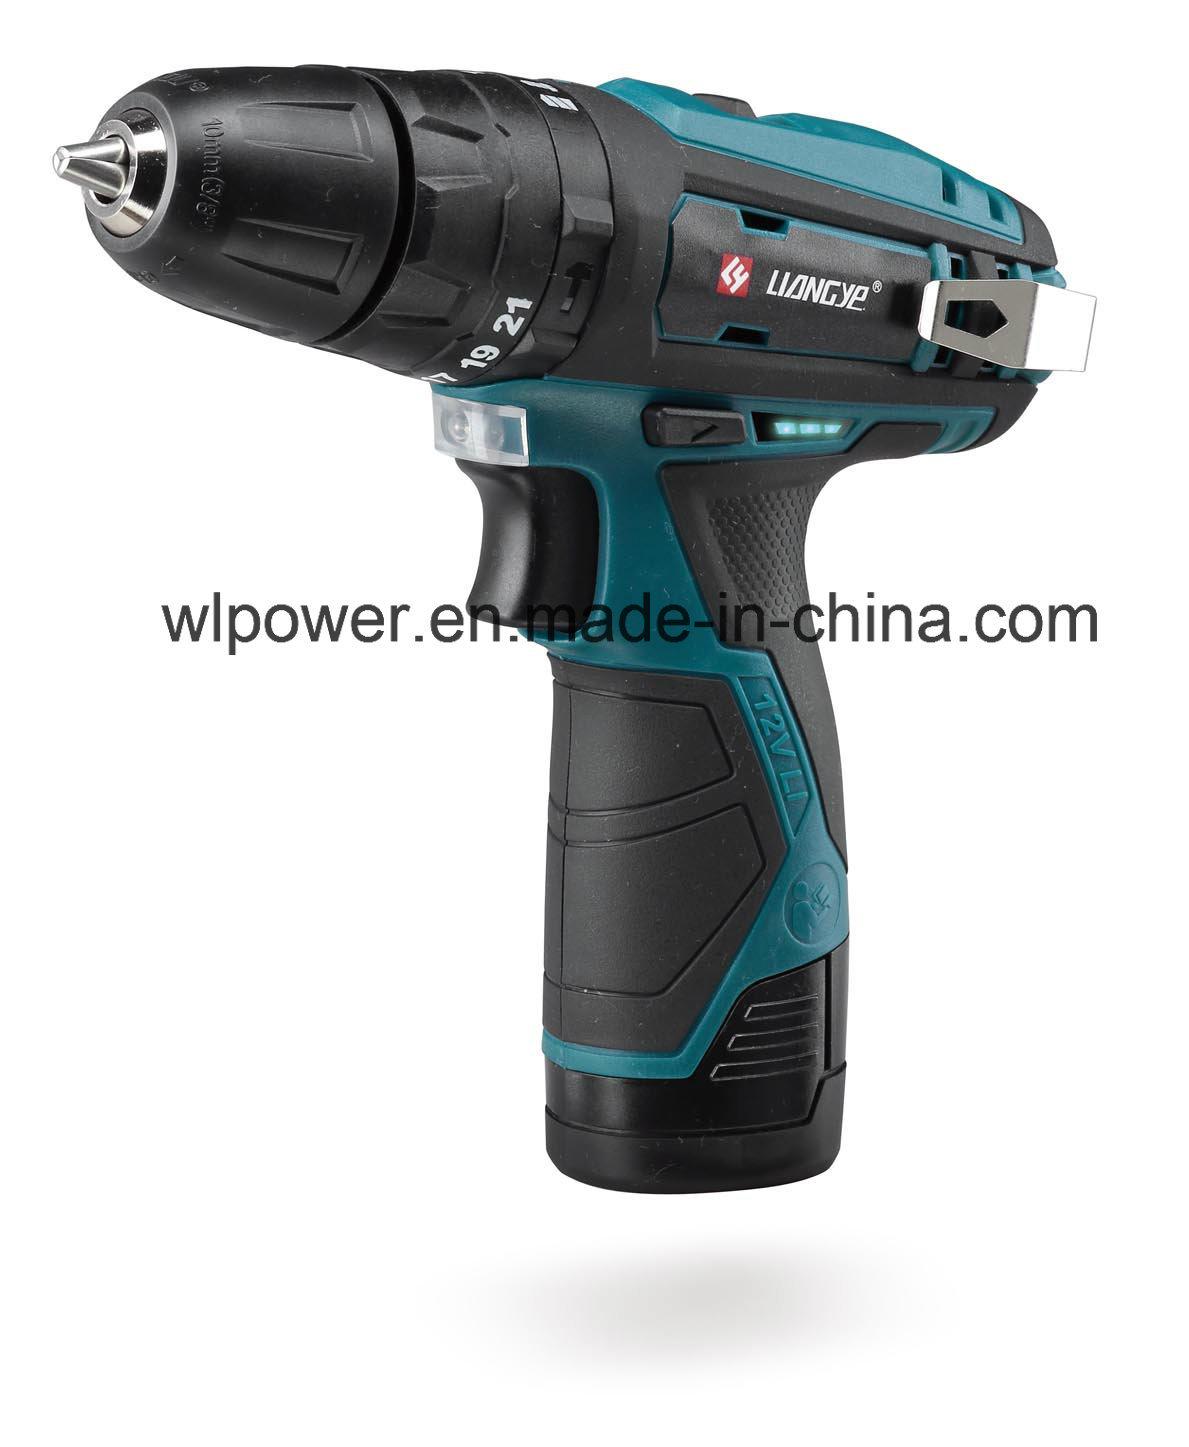 12V Cordless Hammer Drill DC Power Tool